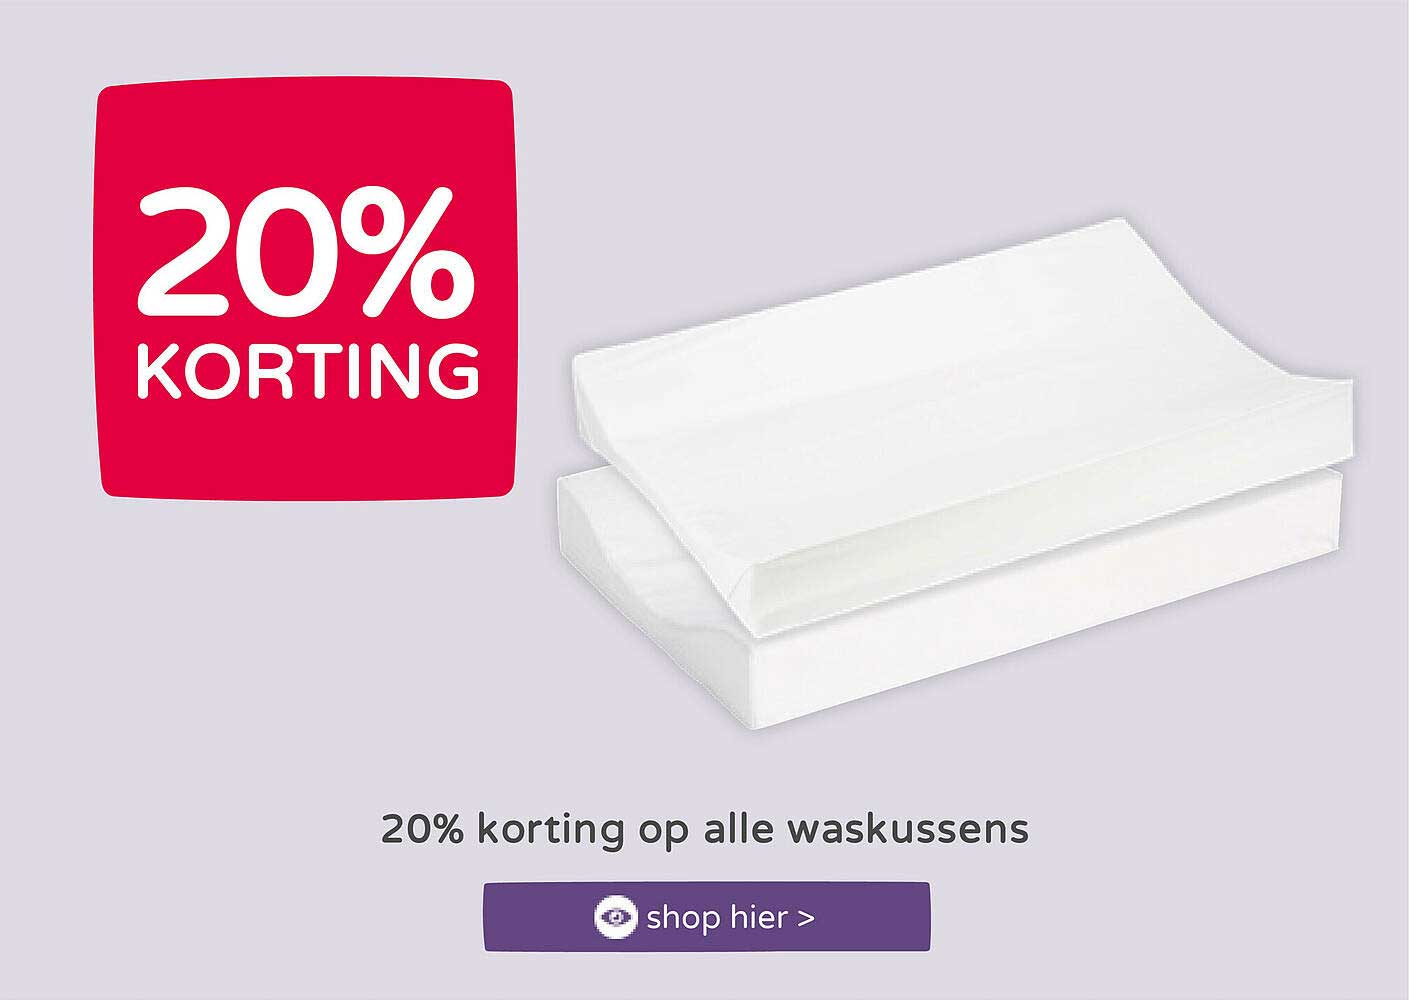 Prénatal 20% Korting Op Alle Waskussens